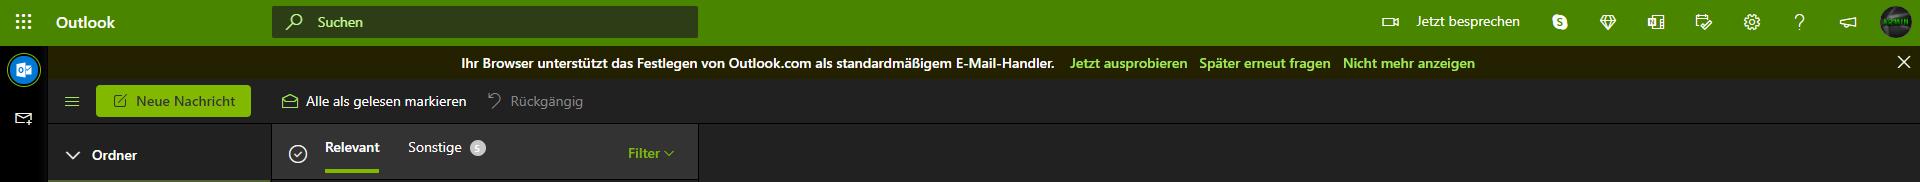 Ein Screenshot der Meldung, um Outlook als Standard E-Mail-Handler festzulegen.